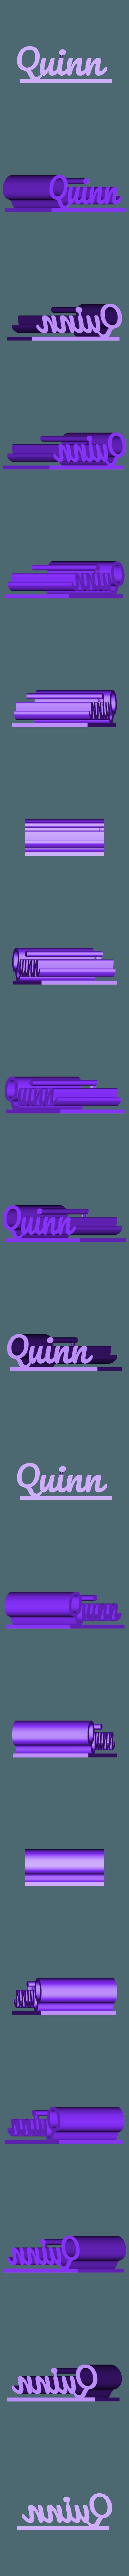 Quinn name with platform H30.stl Télécharger fichier STL gratuit Nom Quinn avec plate-forme • Modèle pour impression 3D, jamiednj